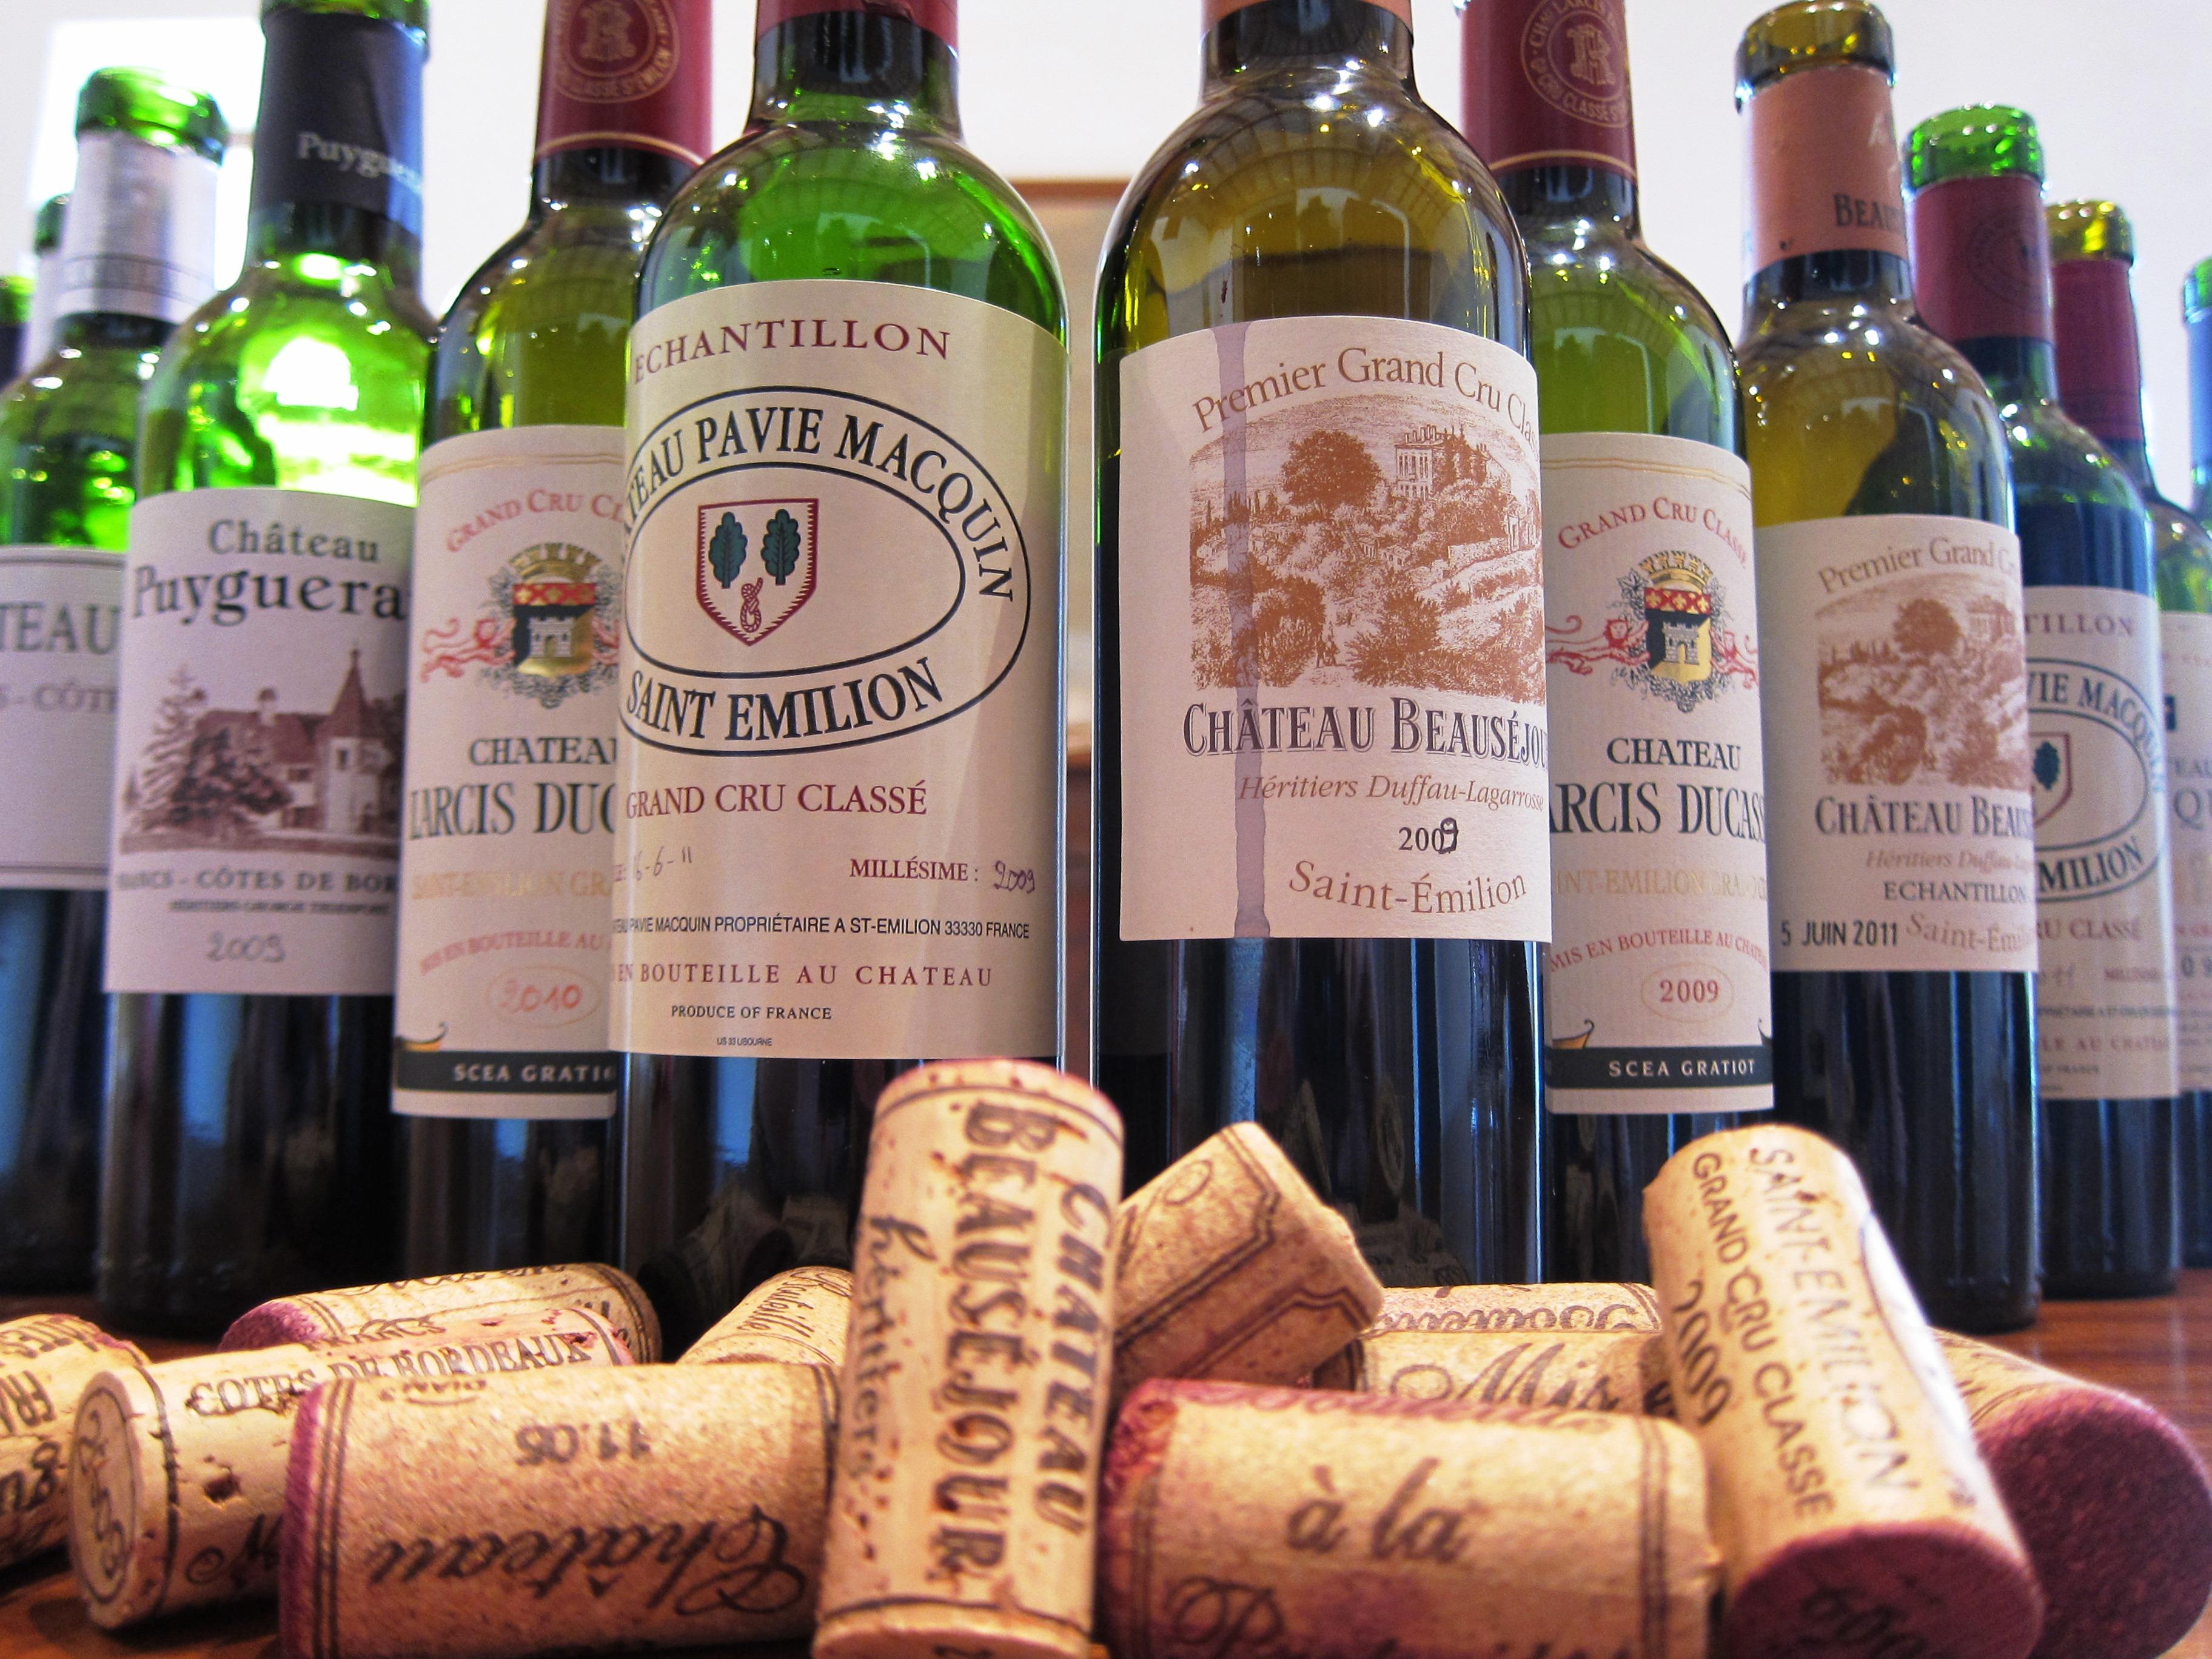 Beausejour Duffau, Pavie Macquin, Larcis Ducasse tasting